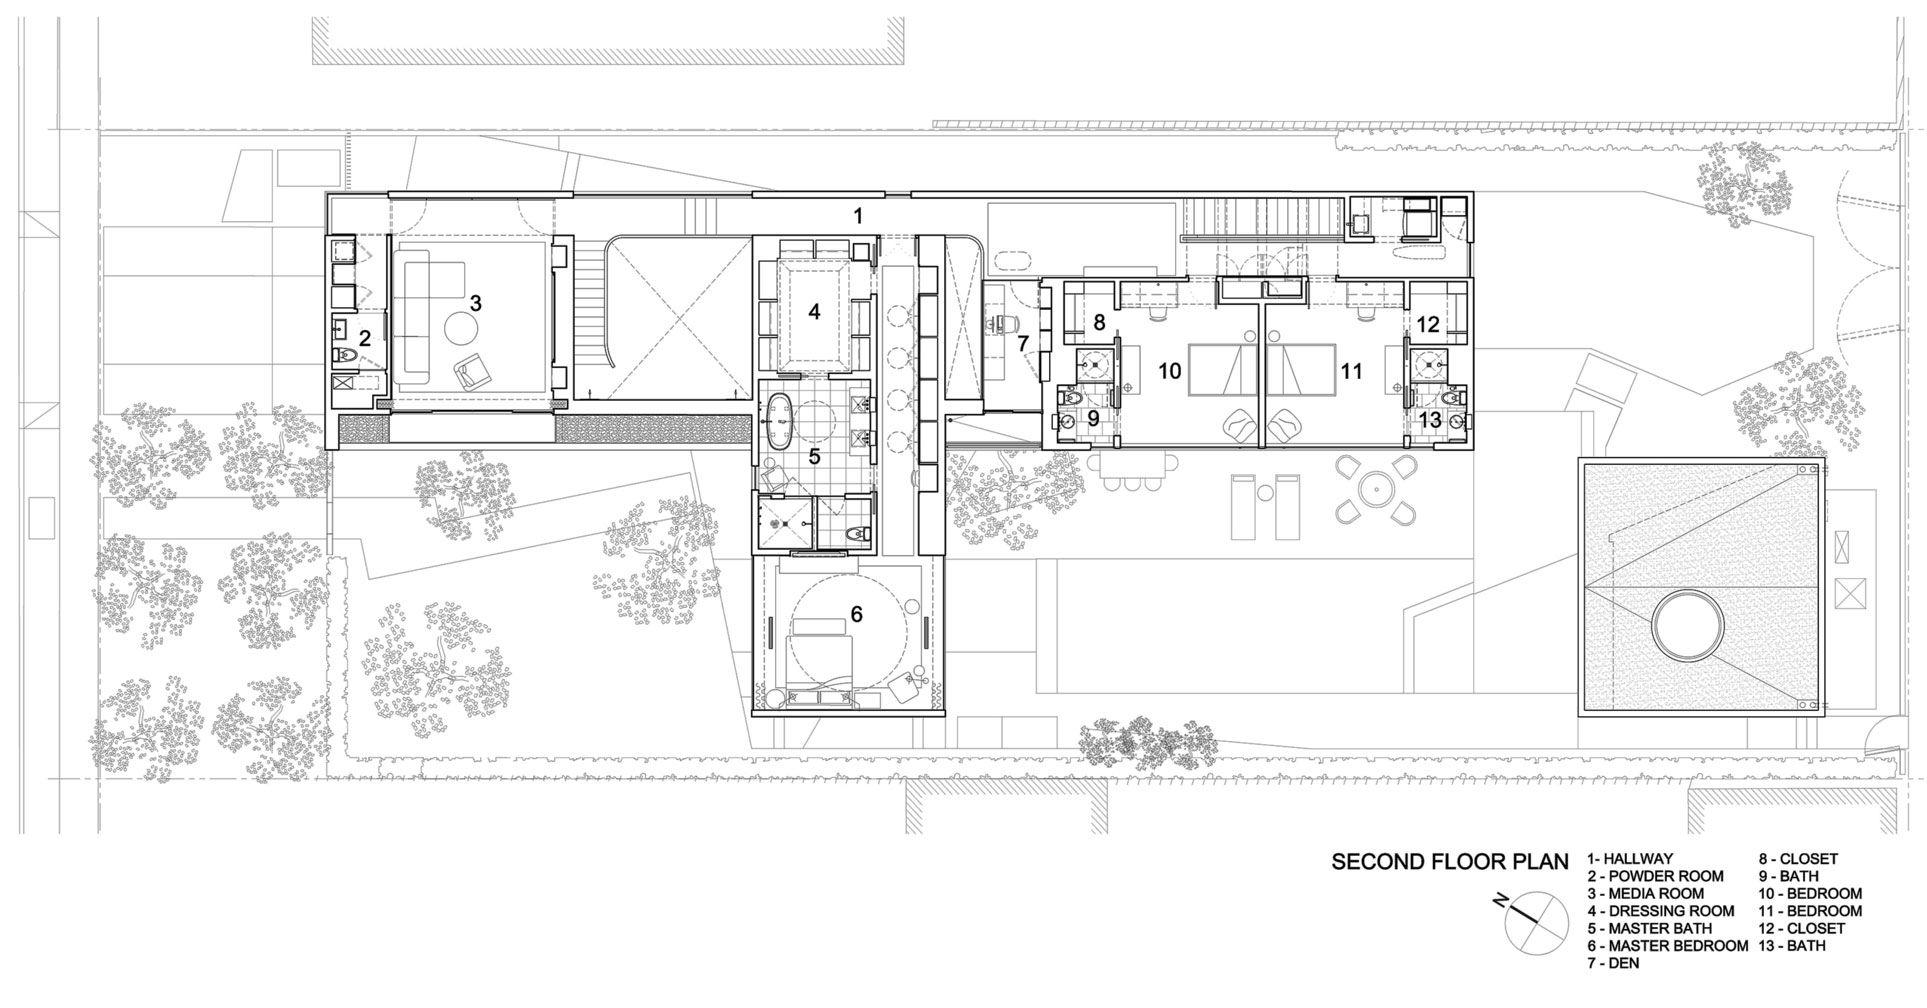 сном чертежи домов в стиле модерн чему снится, если